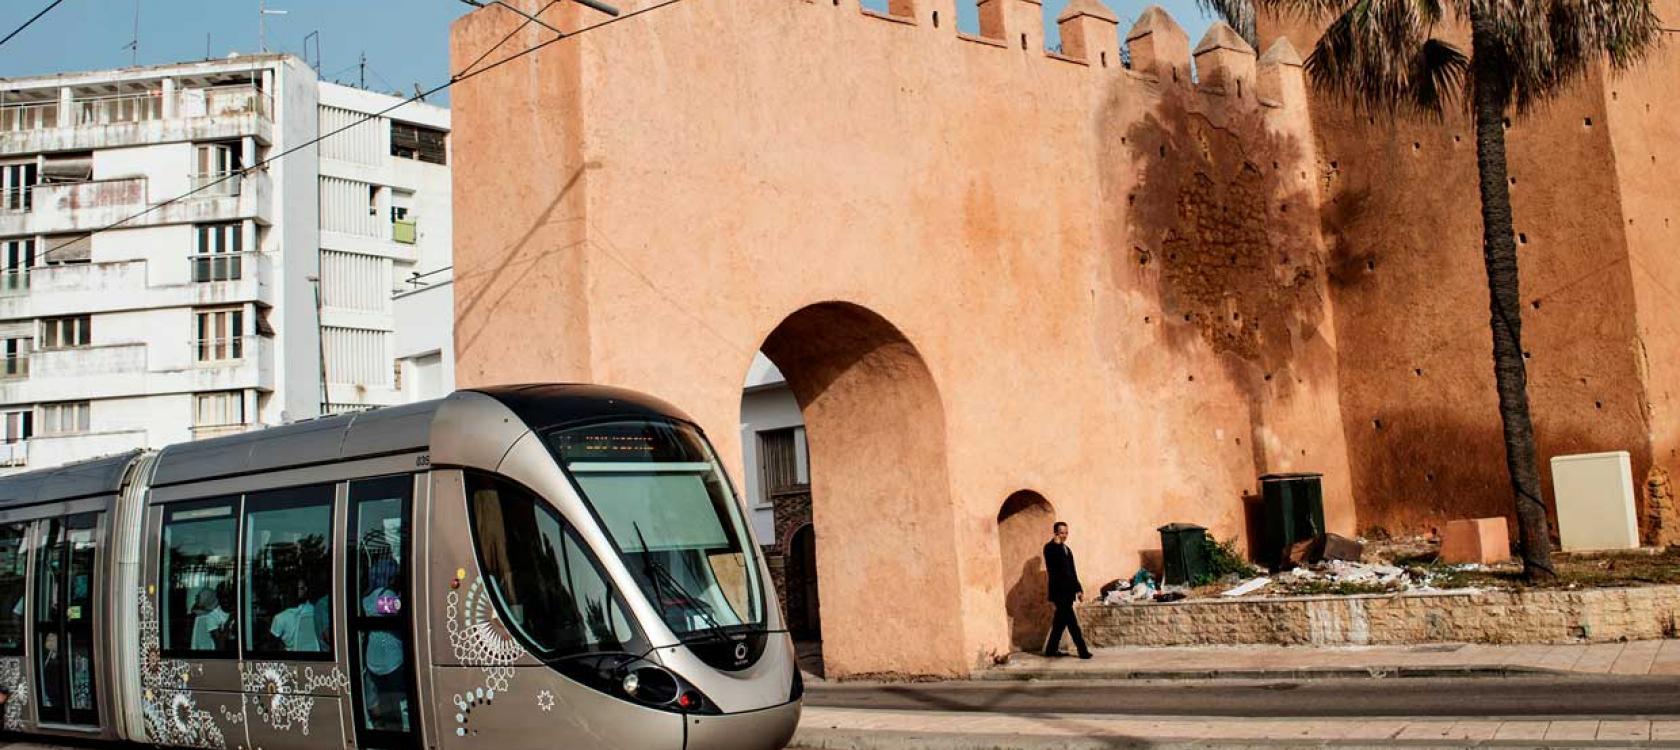 tramway Rabat-Salé, Maroc, transport